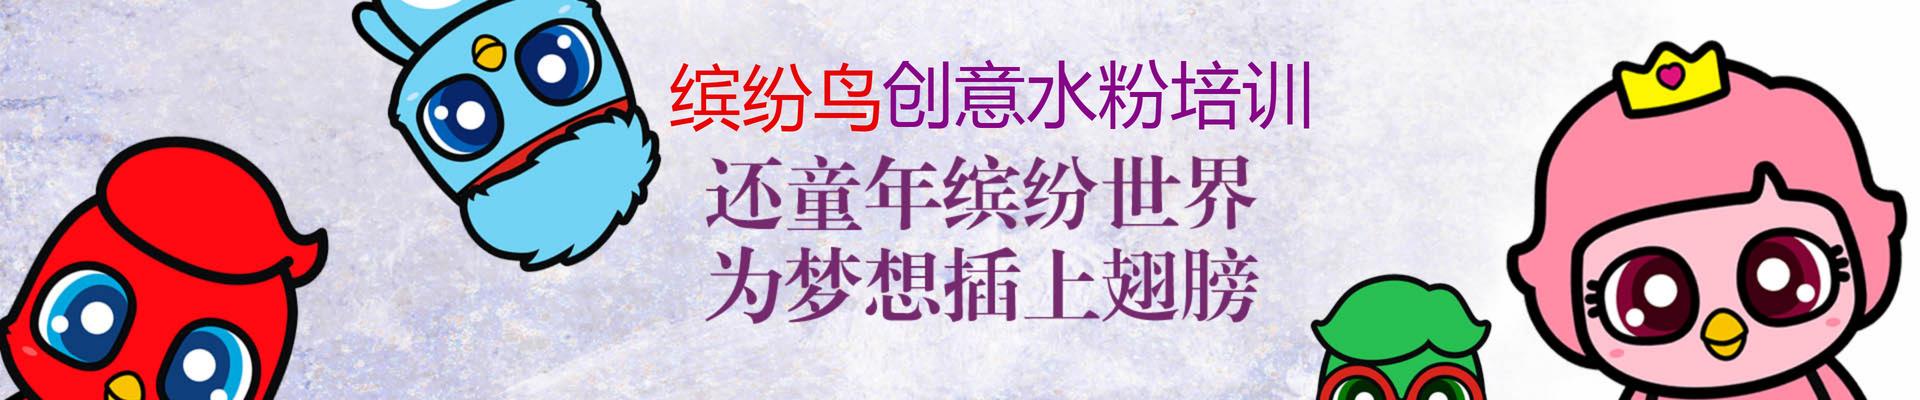 济南长清一校缤纷鸟美术教育培训